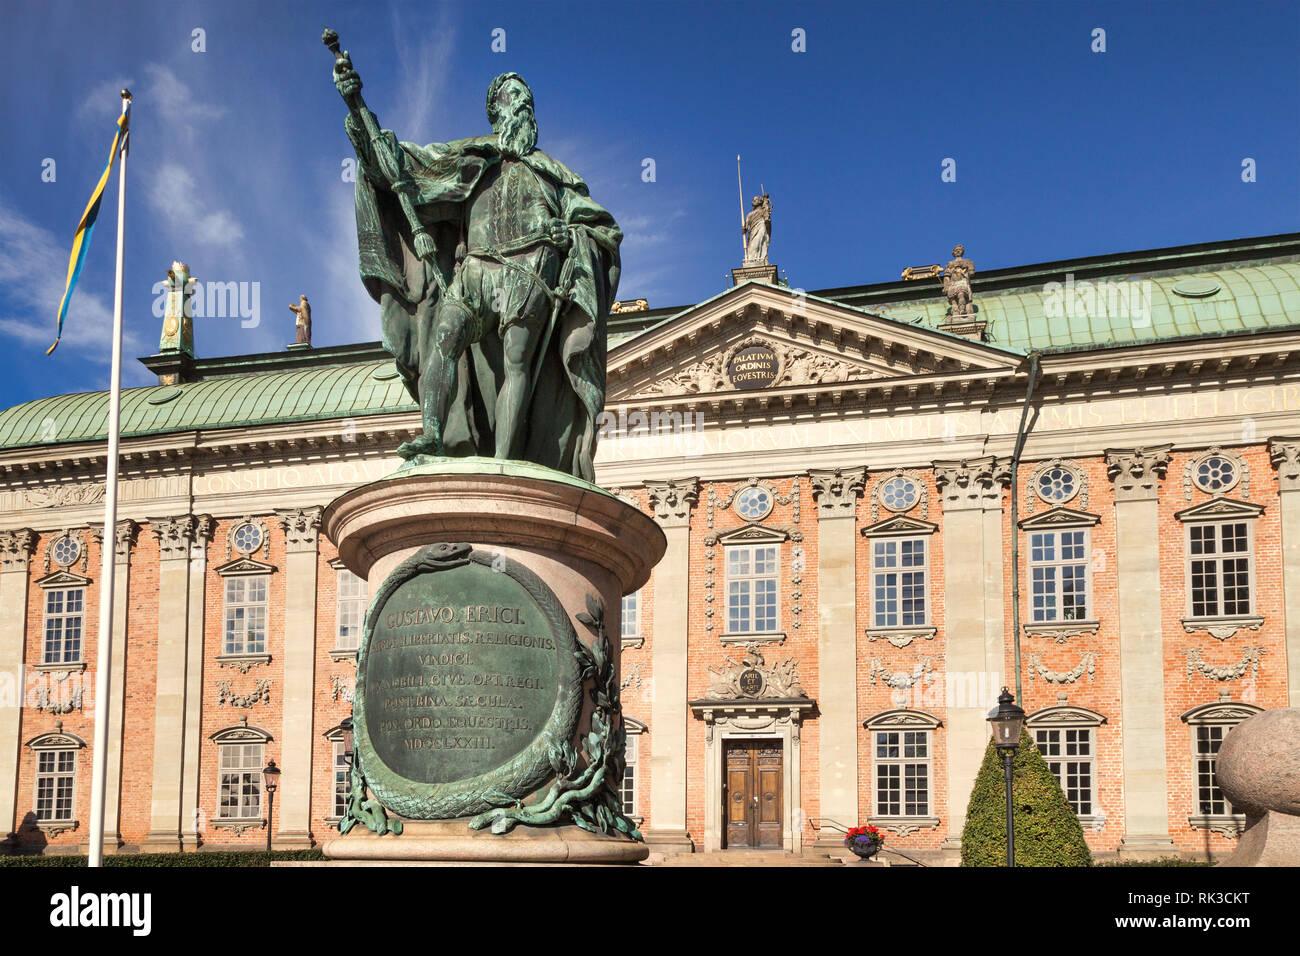 16 Settembre 2018: Stoccolma, Svezia - Statua di Gustavo Erici, nella parte anteriore del Riddarhuset, o Palazzo della nobiltà, a Stoccolma, in Svezia, su una sun Immagini Stock